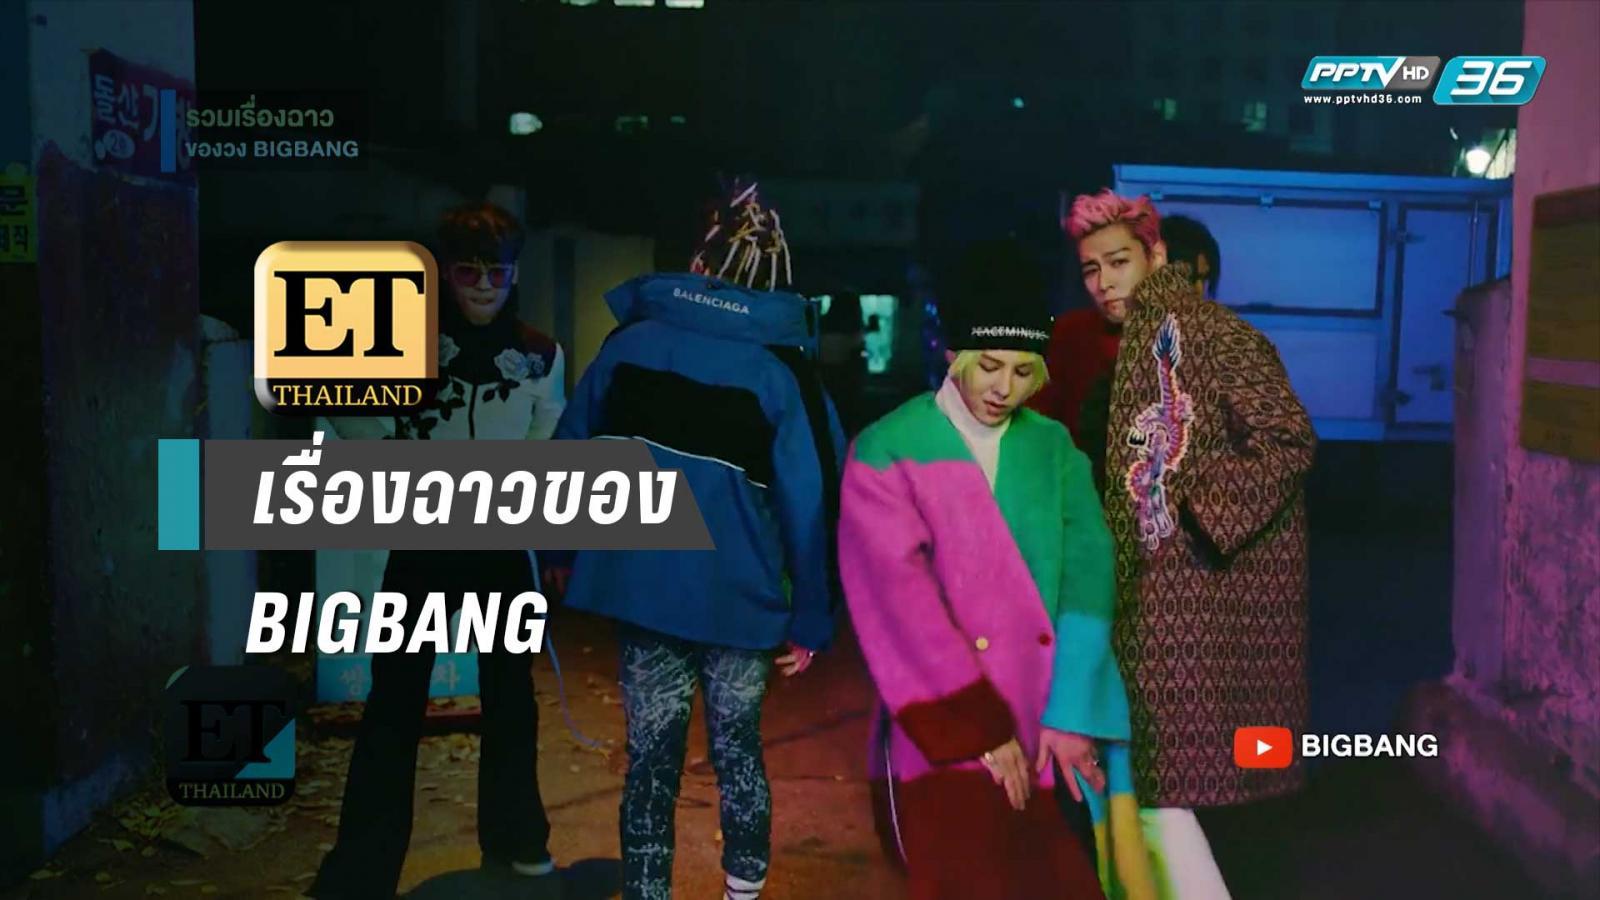 เรื่องฉาวของ BIGBANG